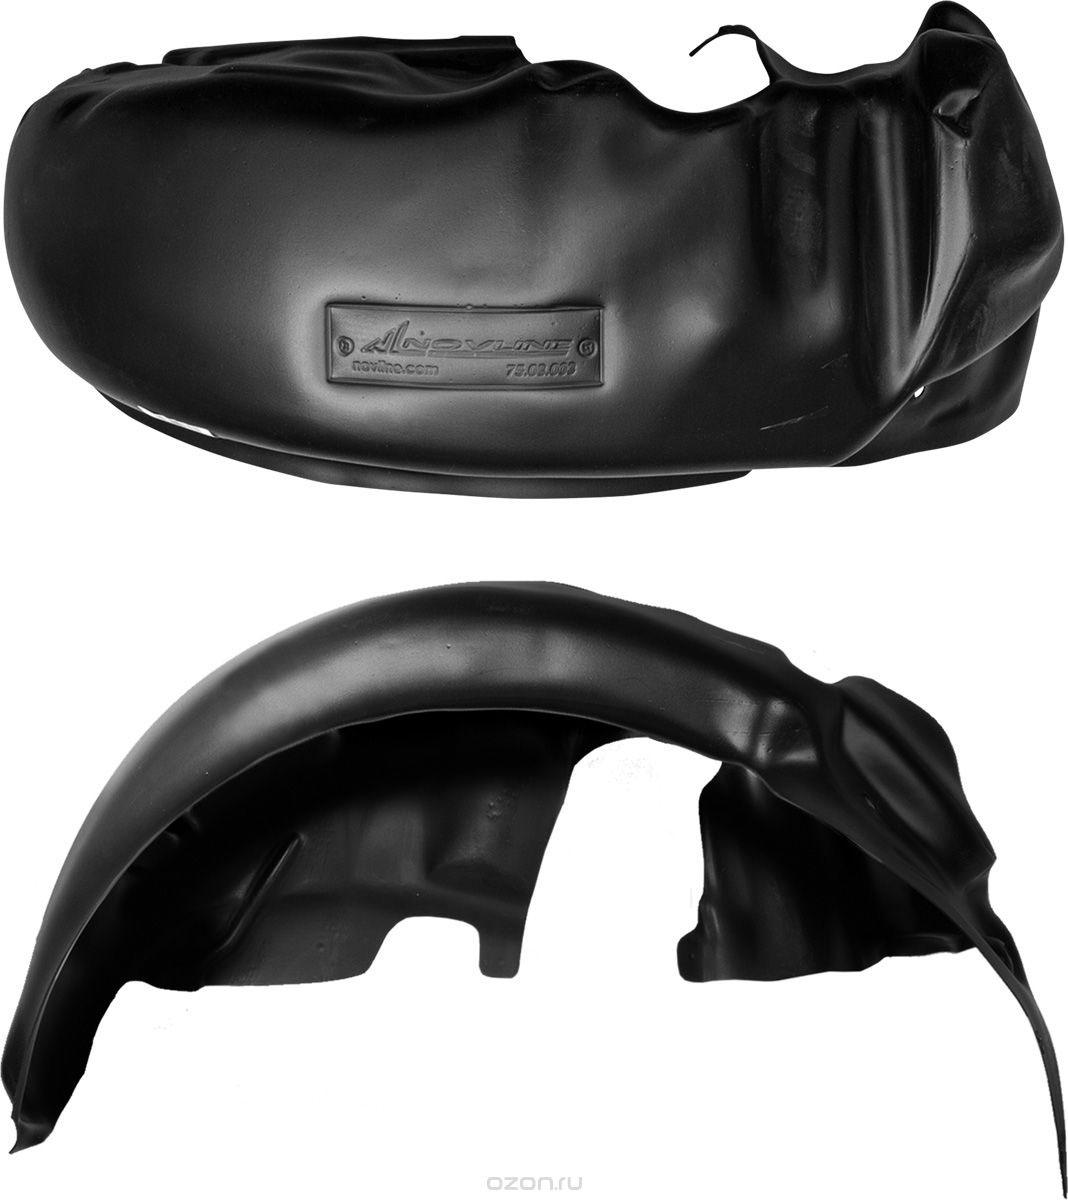 Подкрылок Novline-Autofamily, для BRILLIANCE H530, 06/2014->, передний левыйSATURN CANCARDИдеальная защита колесной ниши. Локеры разработаны с применением цифровых технологий, гарантируют максимальную повторяемость поверхности арки. Изделия устанавливаются без нарушения лакокрасочного покрытия автомобиля, каждый подкрылок комплектуется крепежом. Уважаемые клиенты, обращаем ваше внимание, что фотографии на подкрылки универсальные и не отражают реальную форму изделия. При этом само изделие идет точно под размер указанного автомобиля.